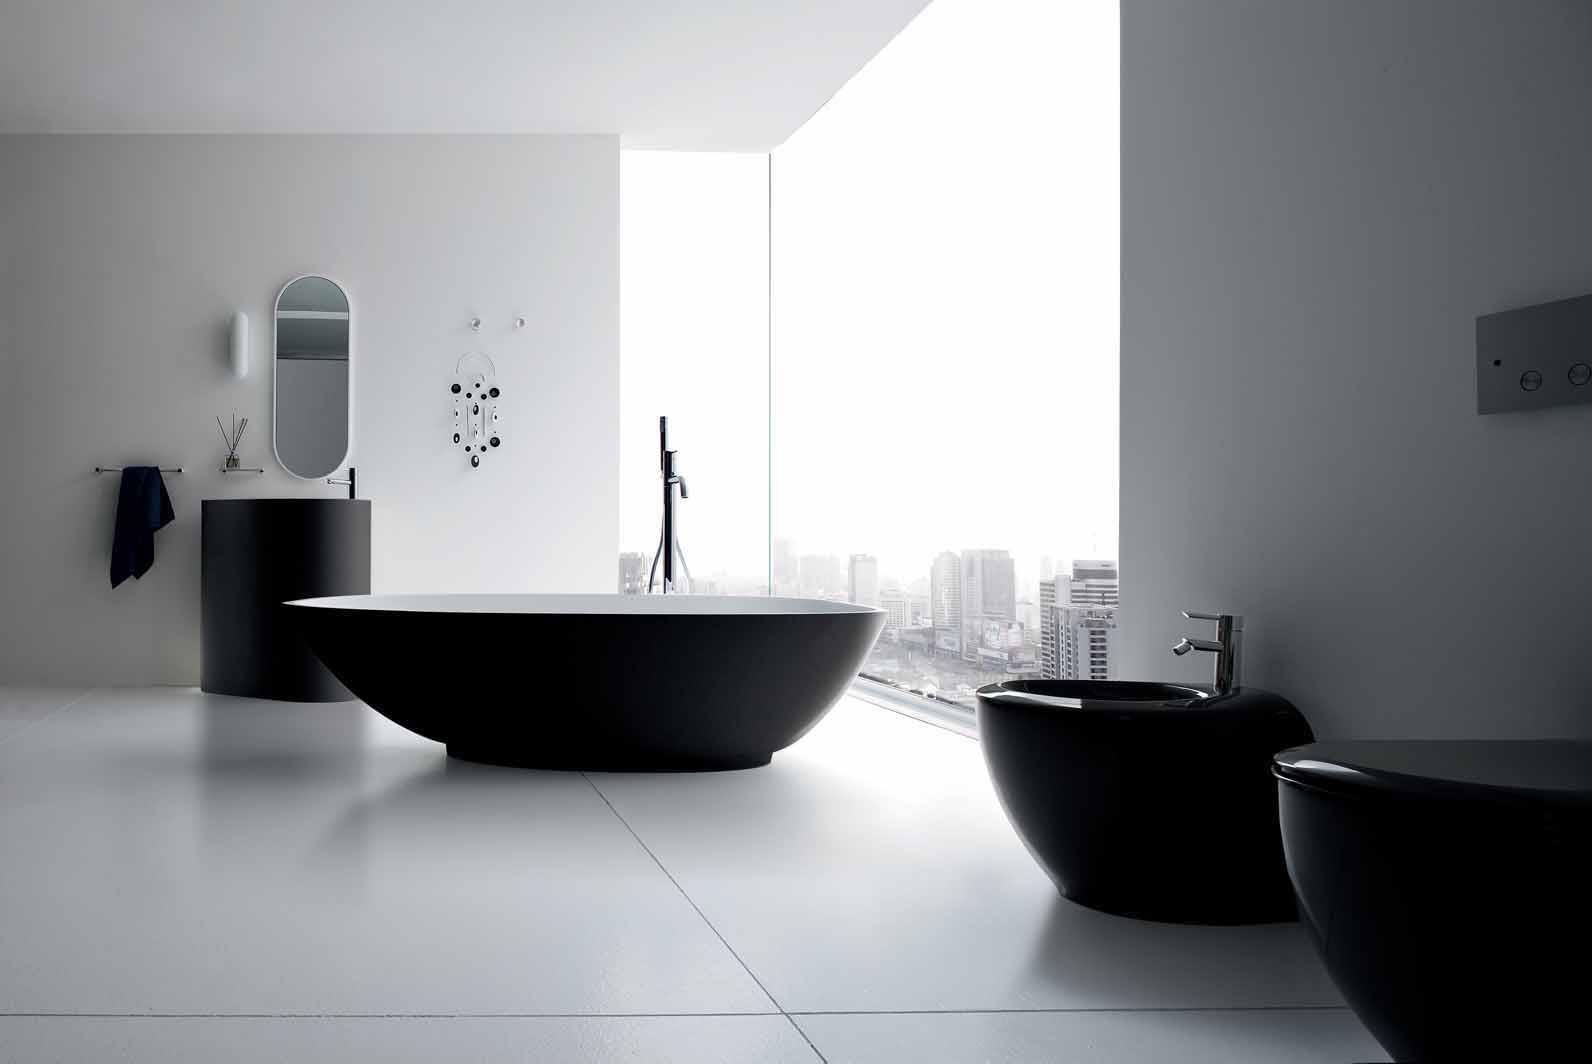 Vloertegels voor in de badkamer: waarop letten?